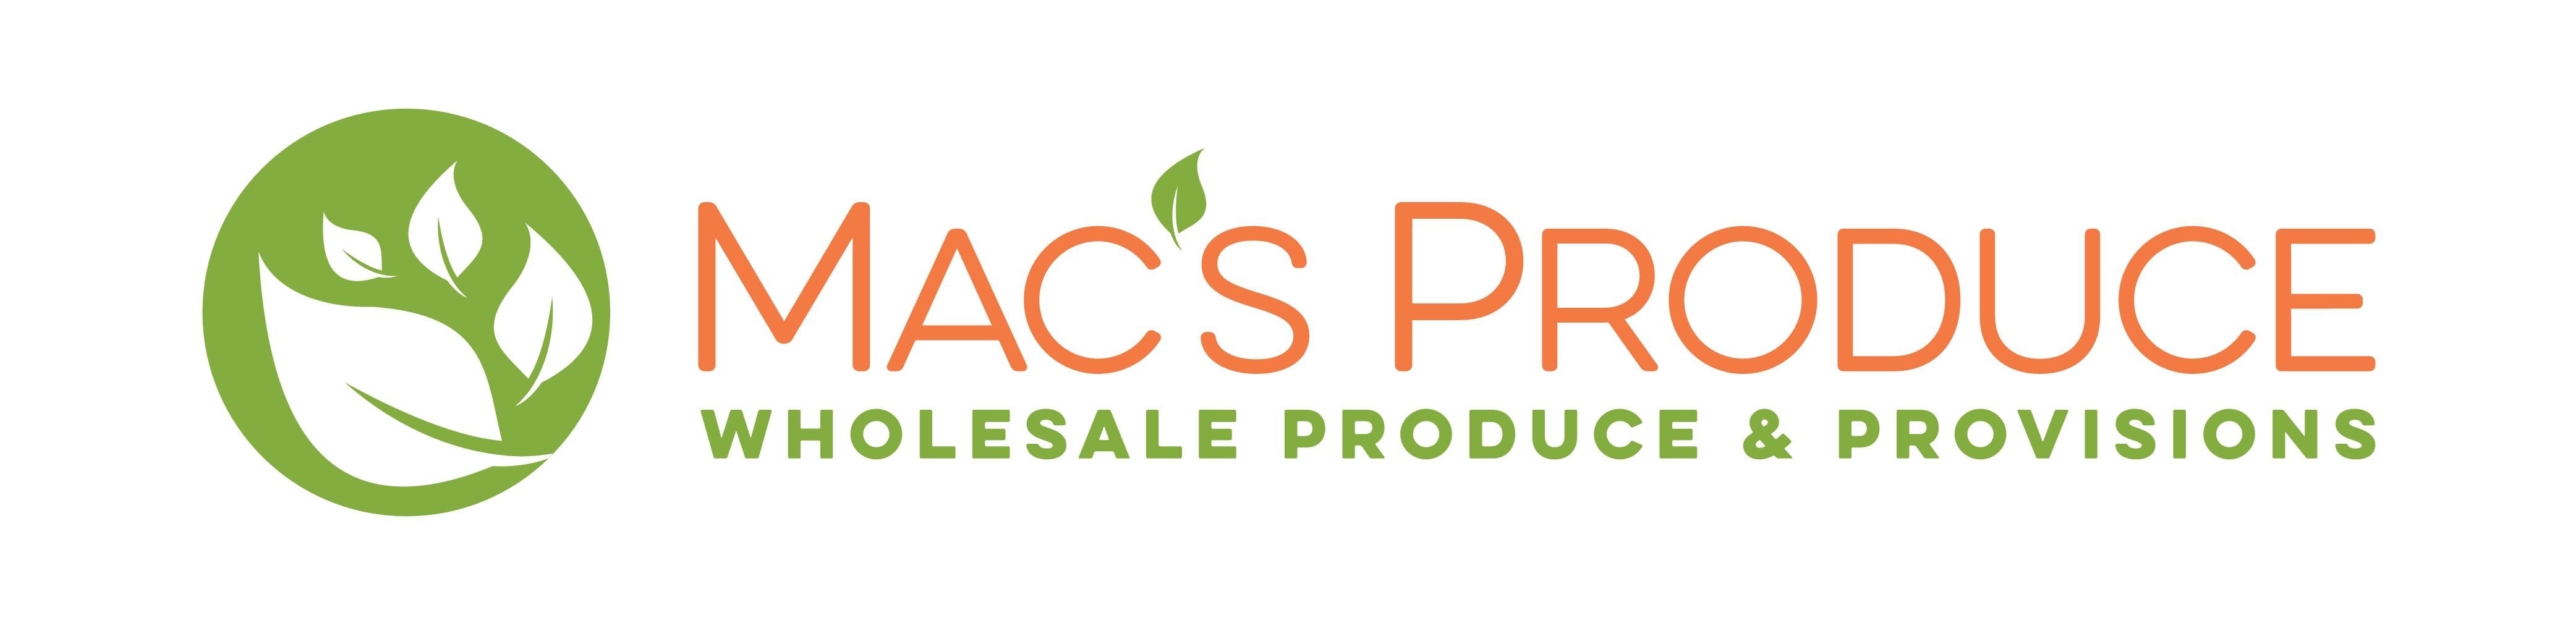 Farm fresh fruit & vegetable wholesaler needs crisp, clean & FRESH logo/ website design